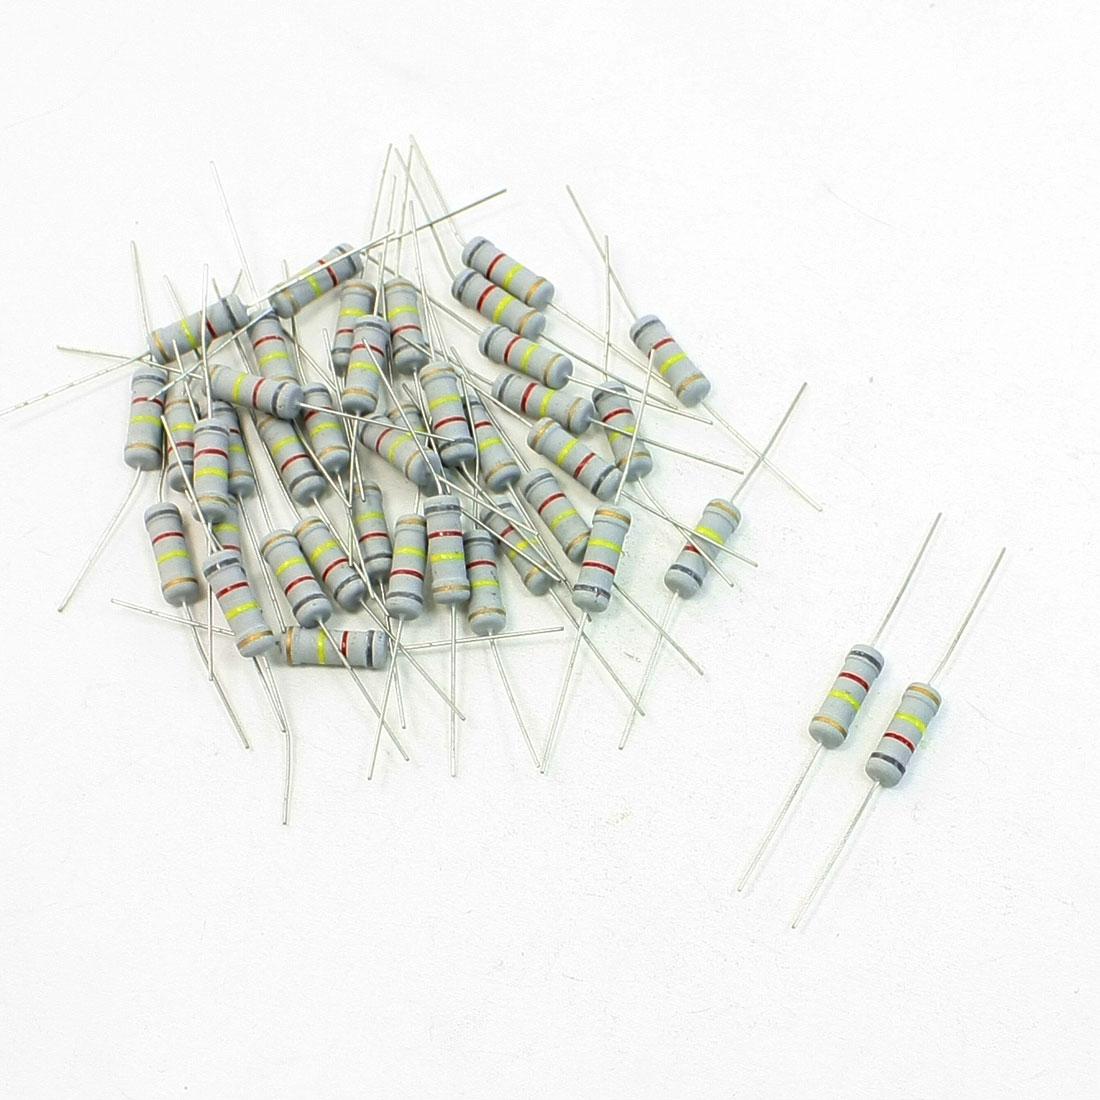 40 Pcs Electirc Components Fixed Carbon Film Resistors 820K Ohm 2W